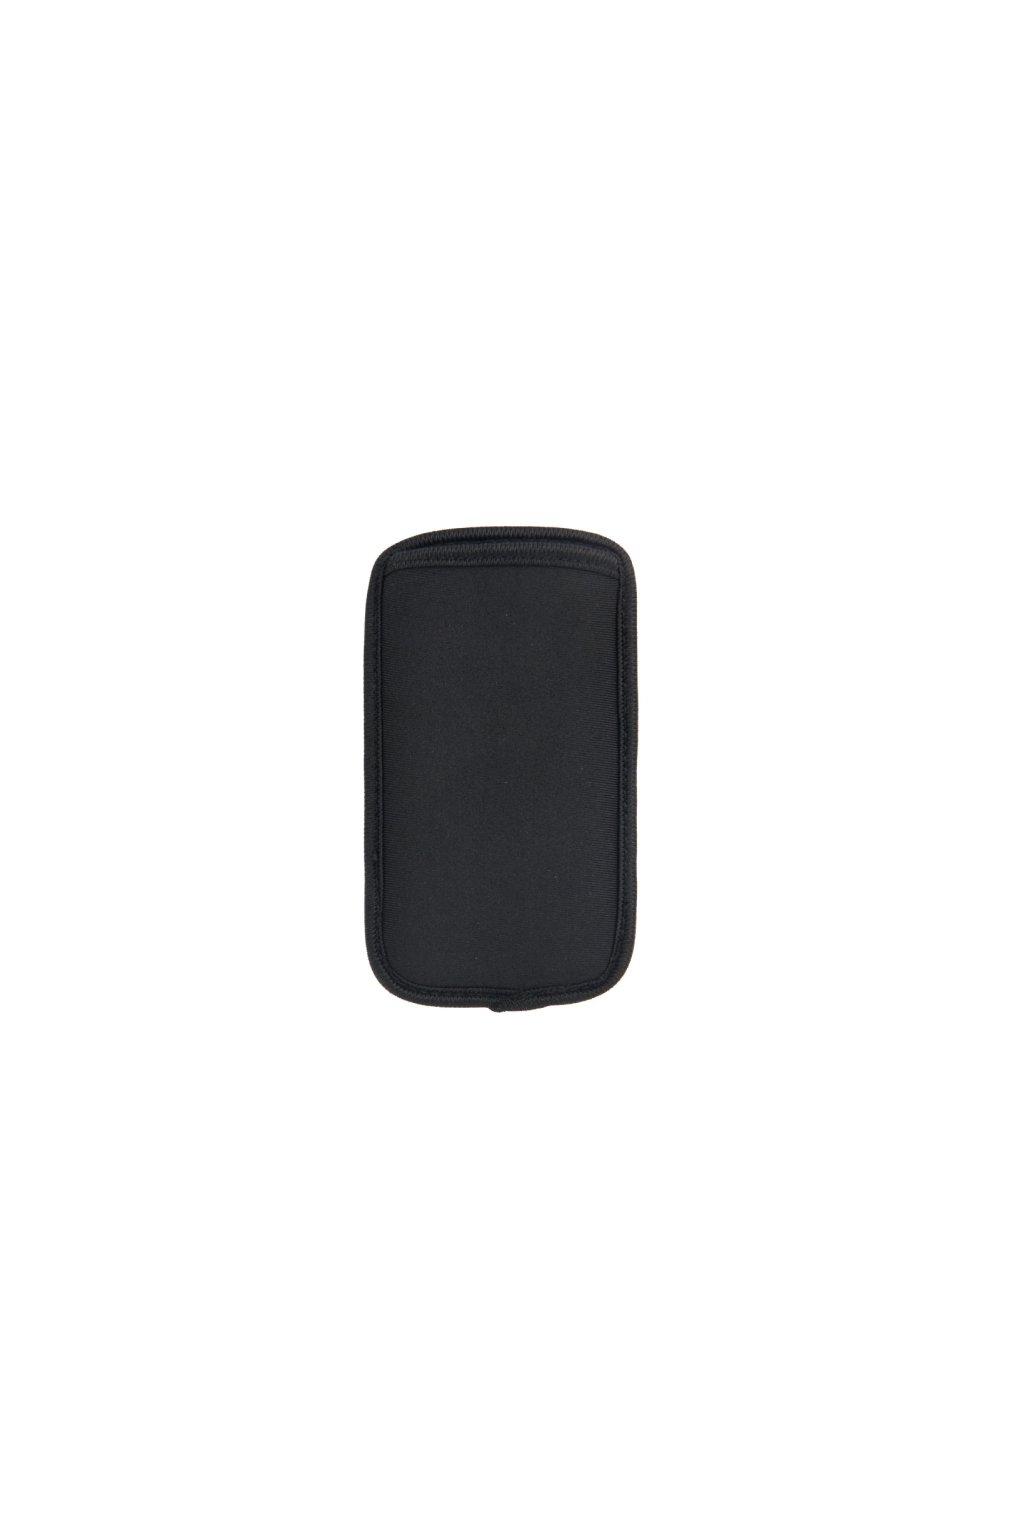 Voděodolné textilní pouzdro iPhone 5/5S, black/černá